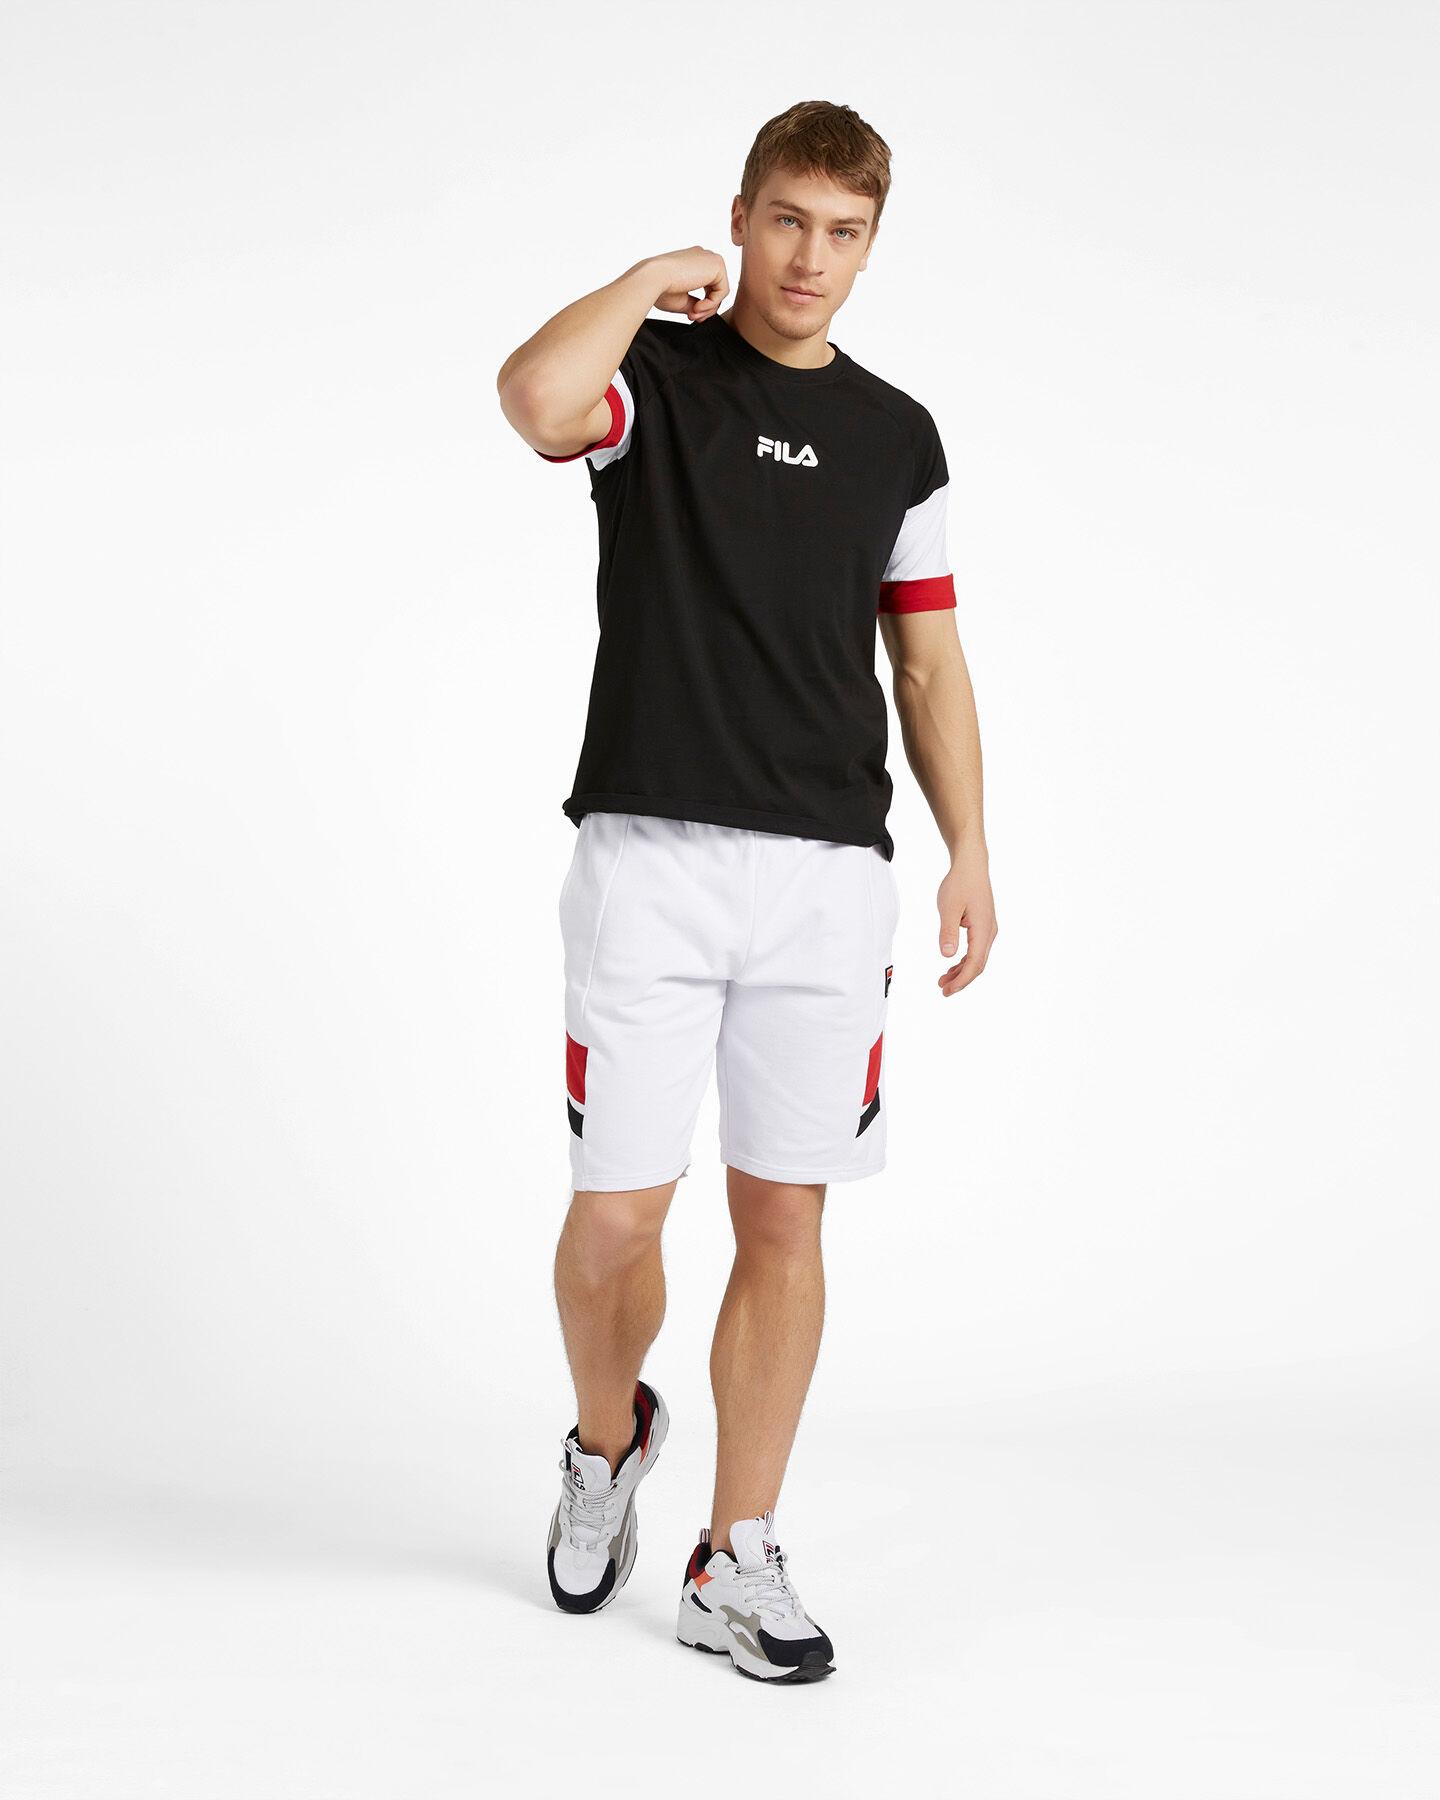 T-Shirt FILA NEW COLOR BLOCK M S4088467 scatto 1